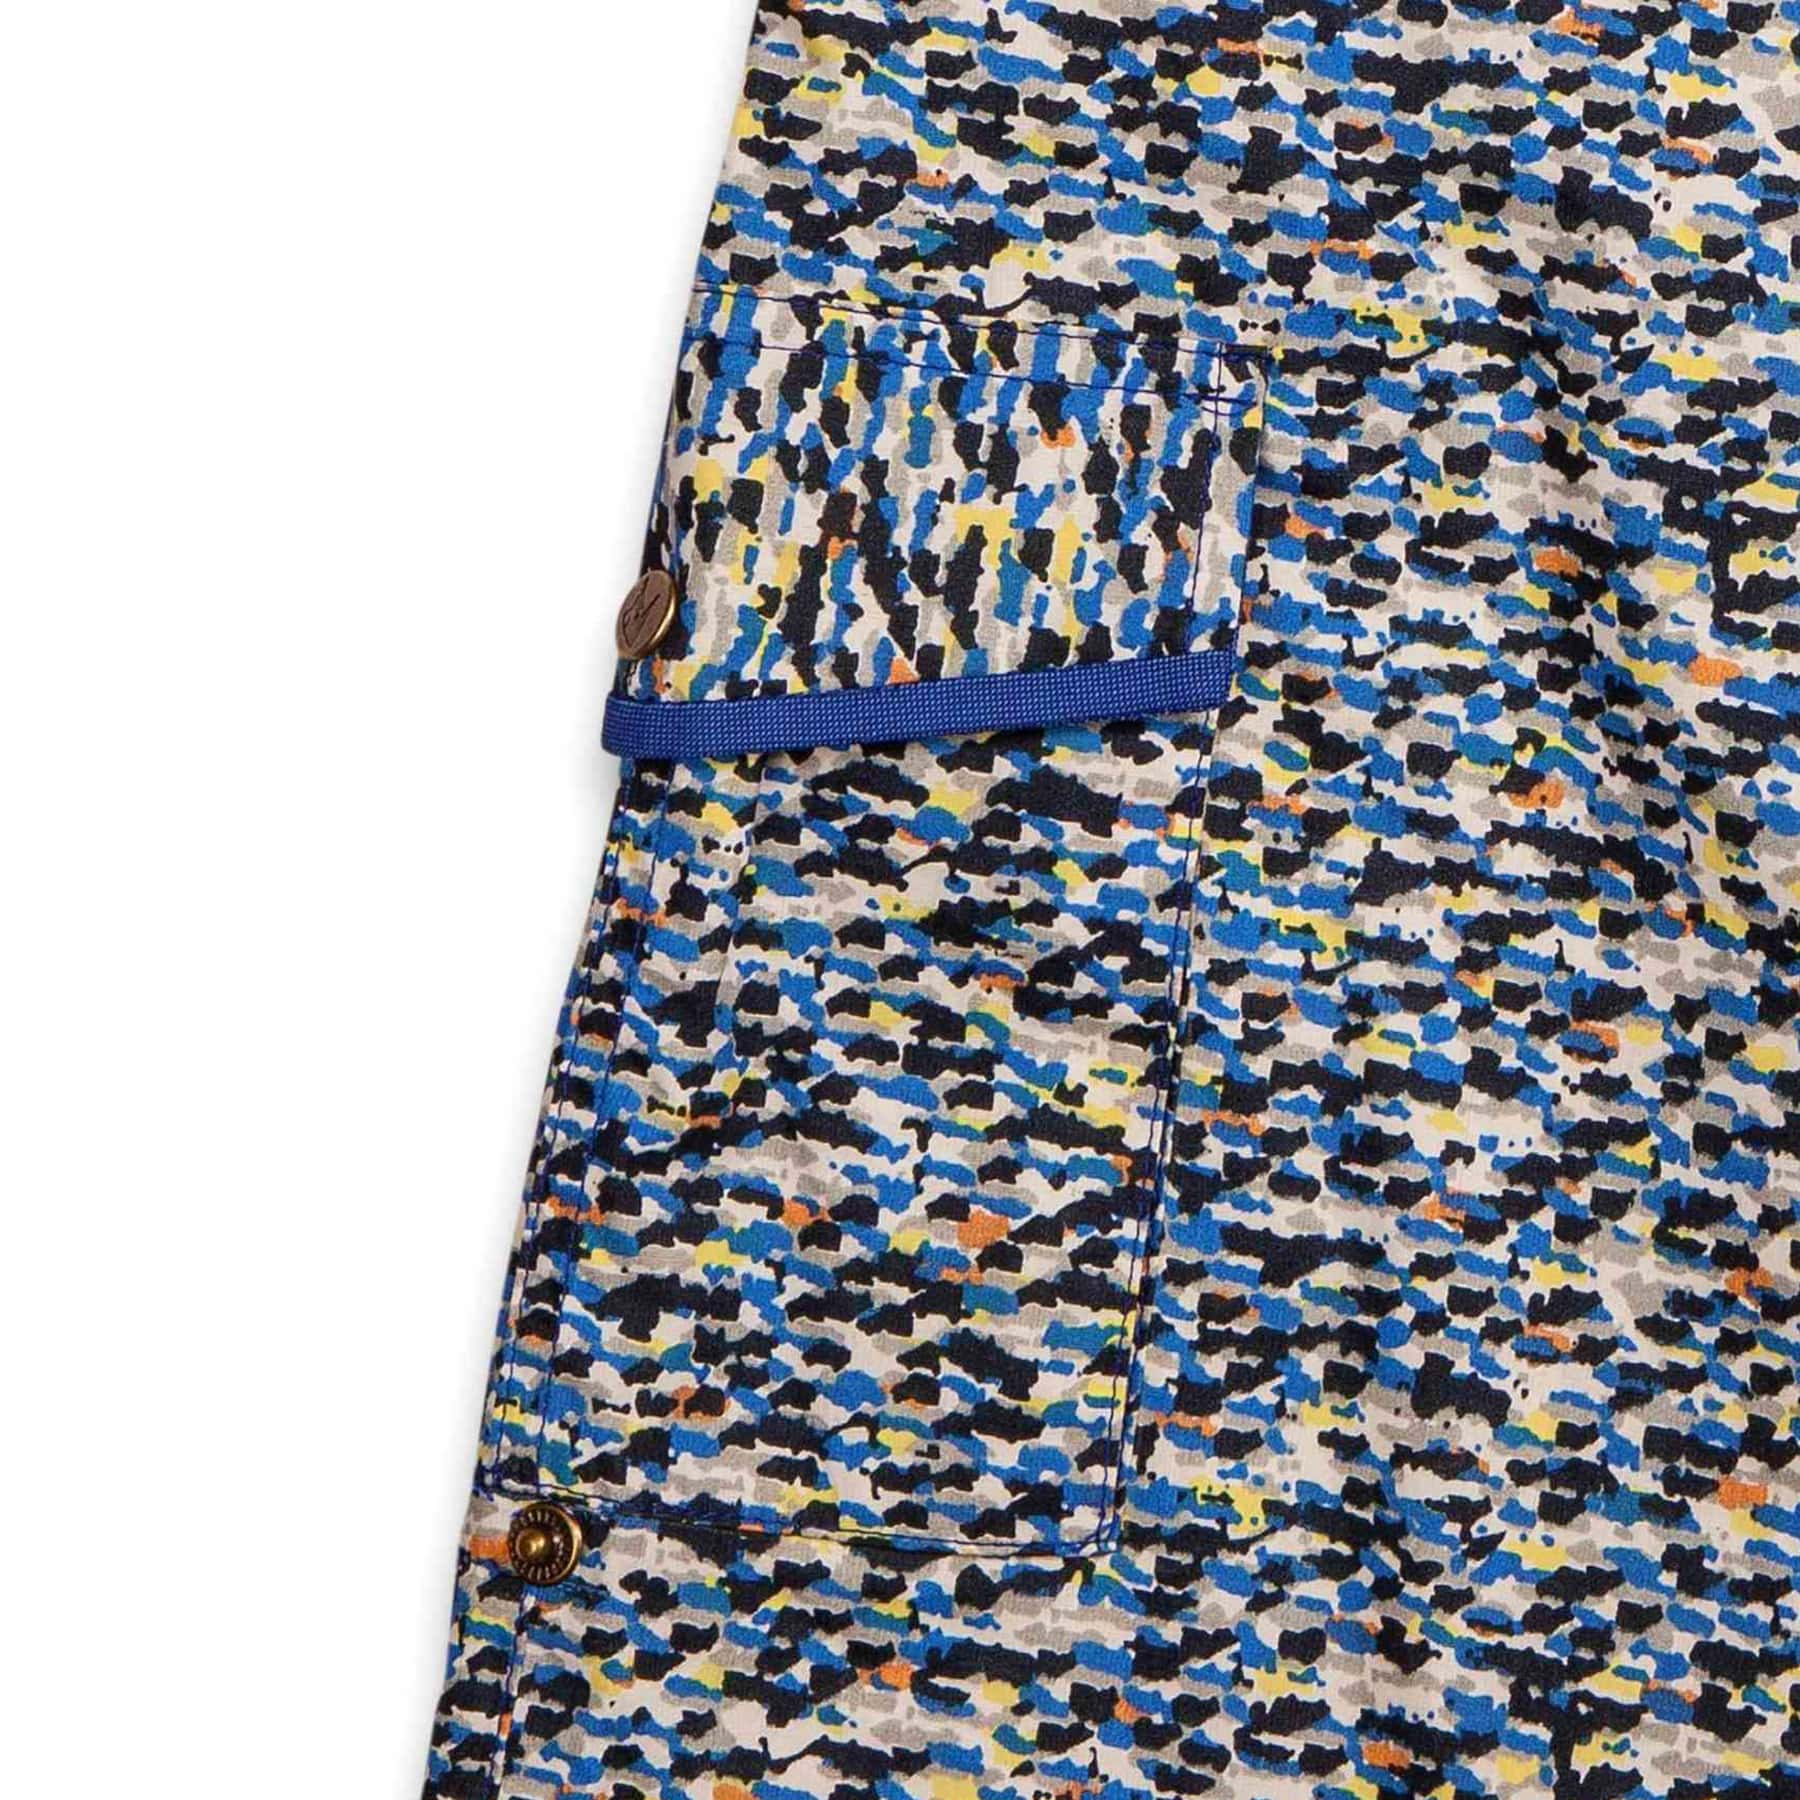 Short long bermuda pour la plage en coton imprimé bleu tacheté multicolore à la taille élastique et poches cargo, mode garçon de 2 à 14 ans de la marque créateur pour enfant La Faute à Voltaire